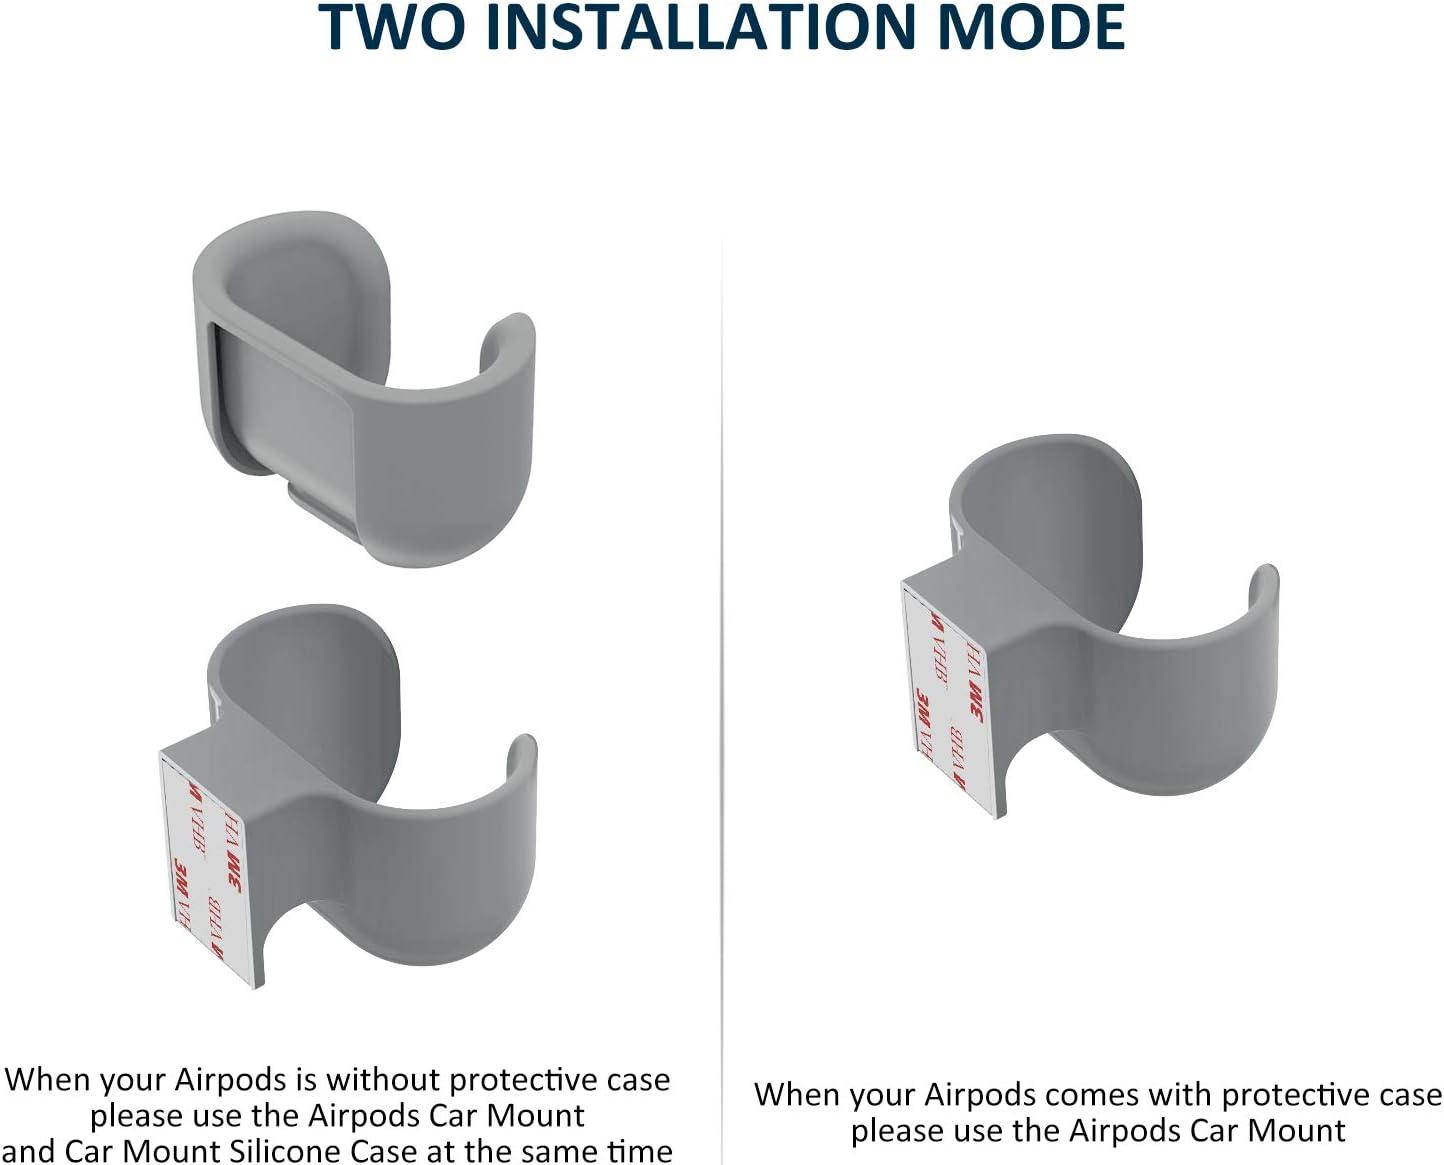 Grigio Scuro KIWI design Supporto AirPods per Auto AirPods Non Incluso Accessori Pratici per lUtilizzo di AirPods e AirPods 2a Generazione in Auto